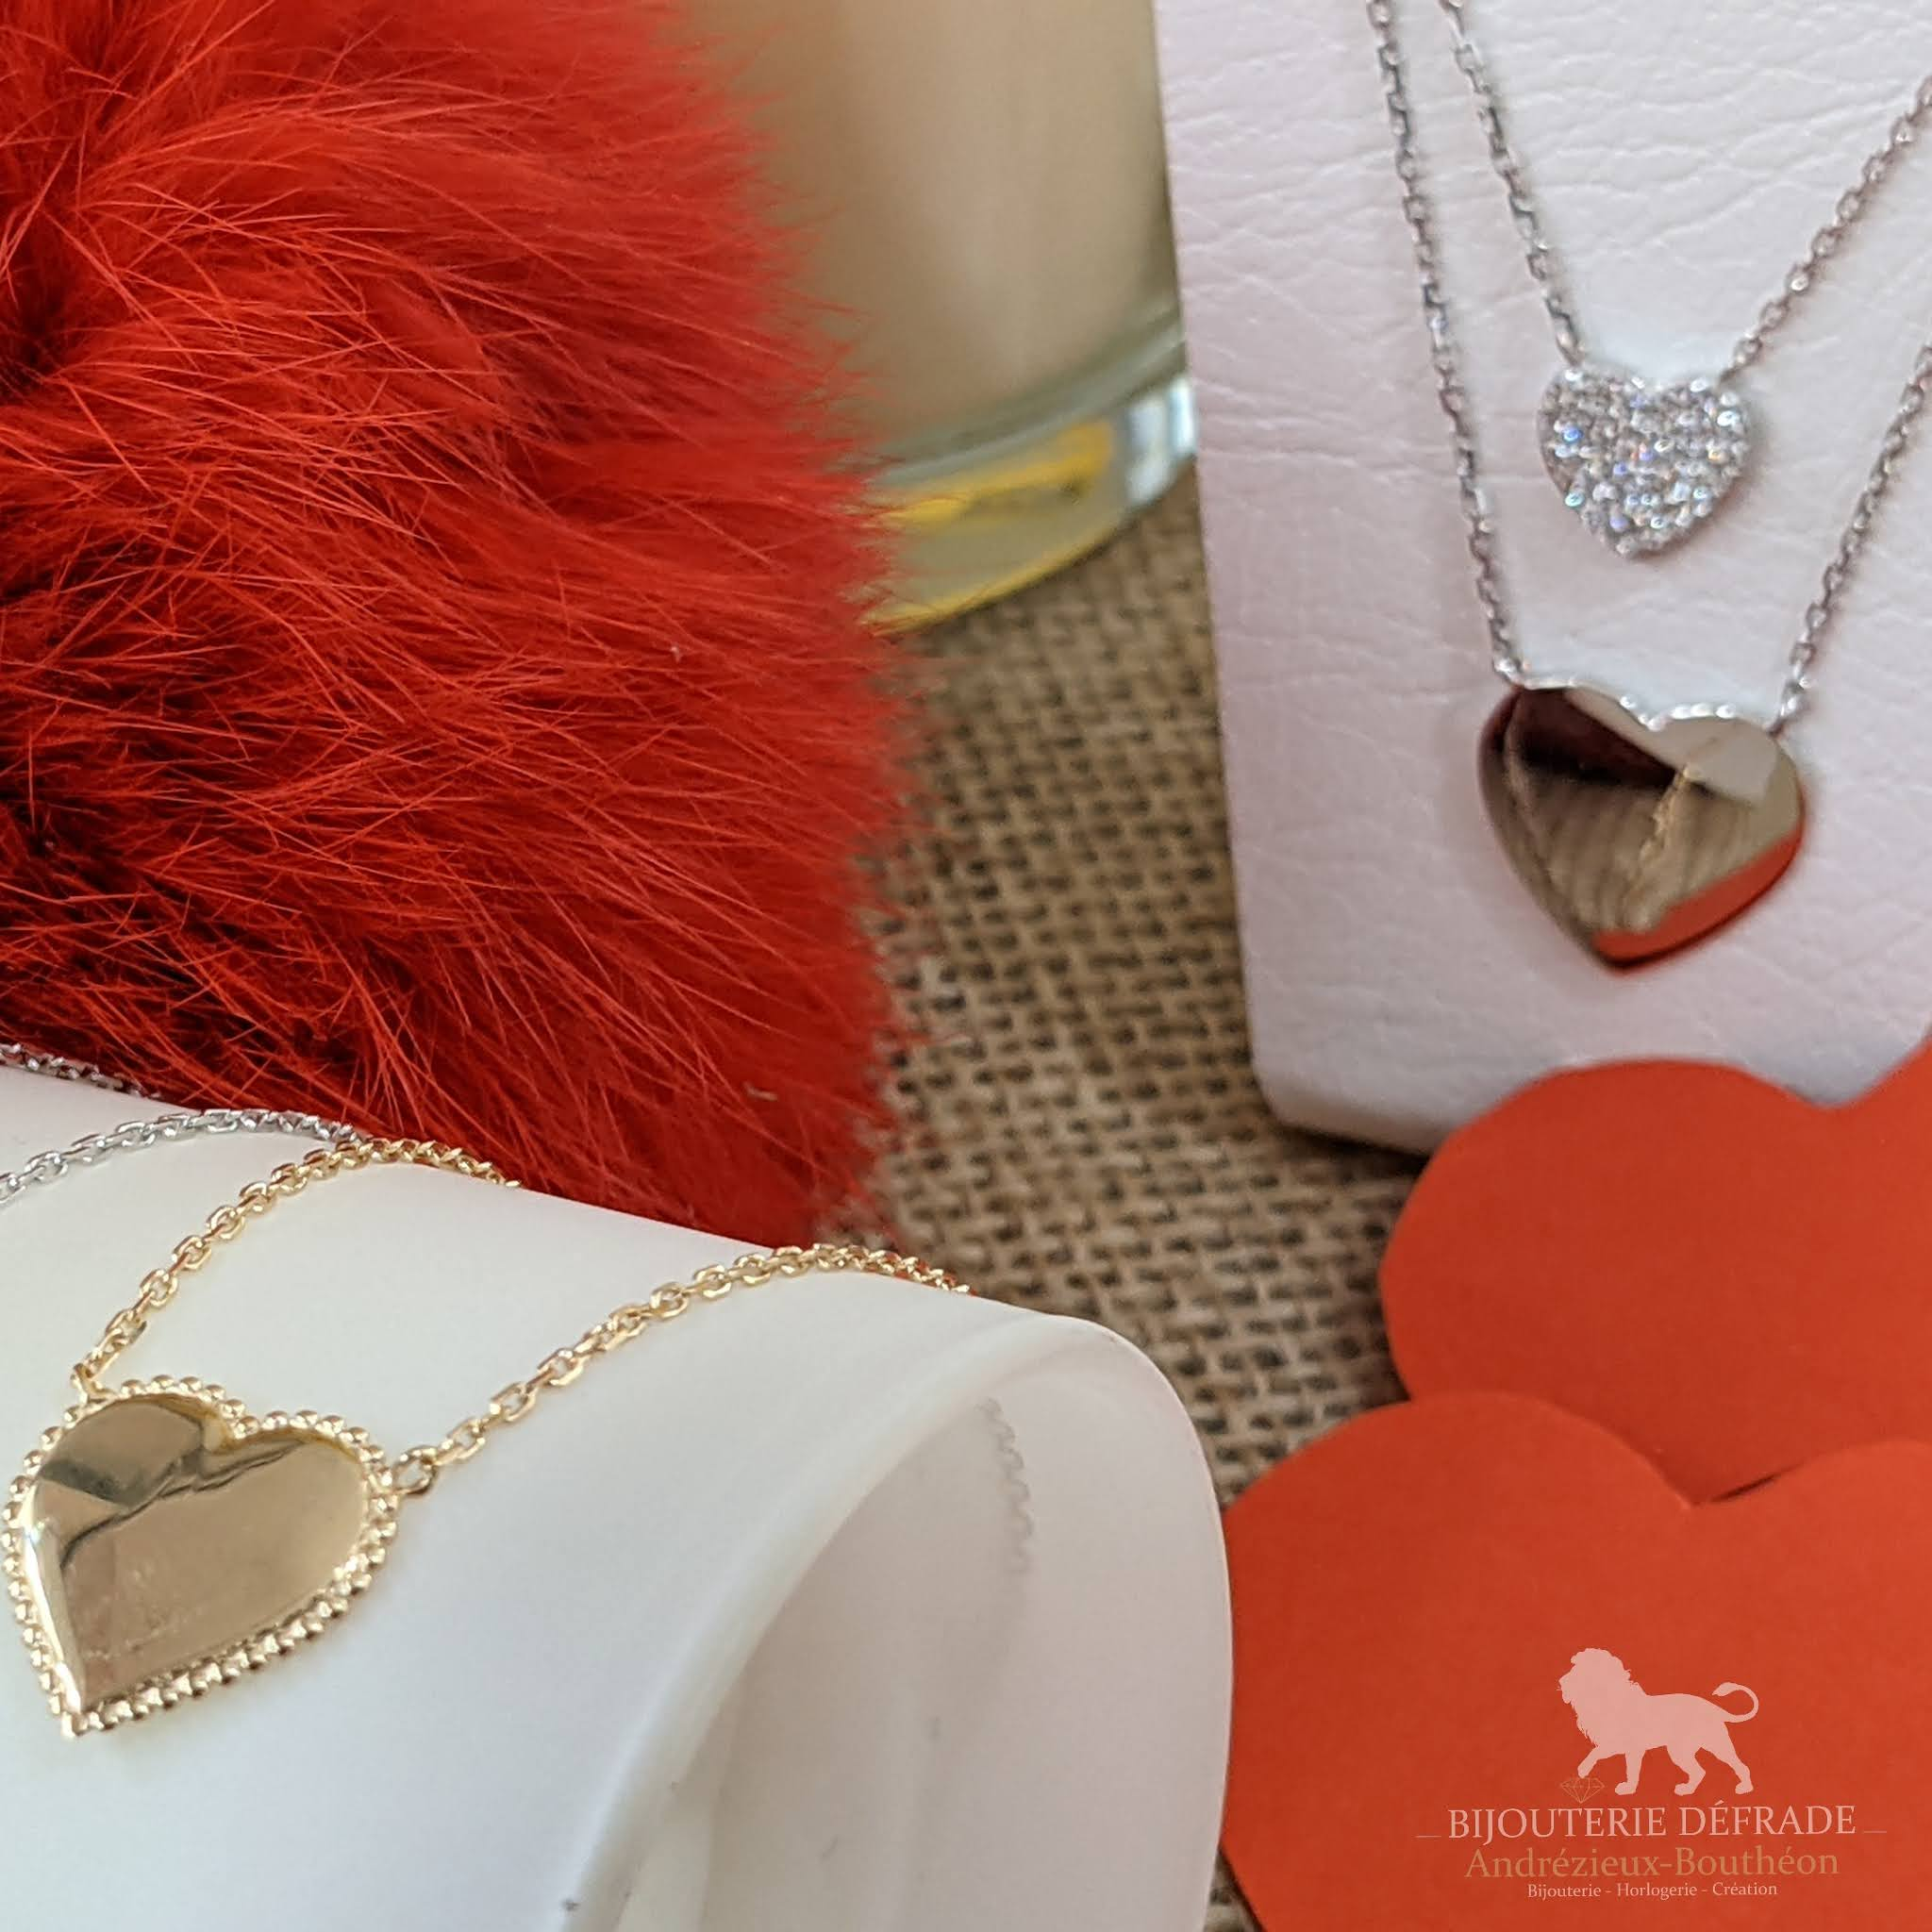 collier coeur bijouterie defrade